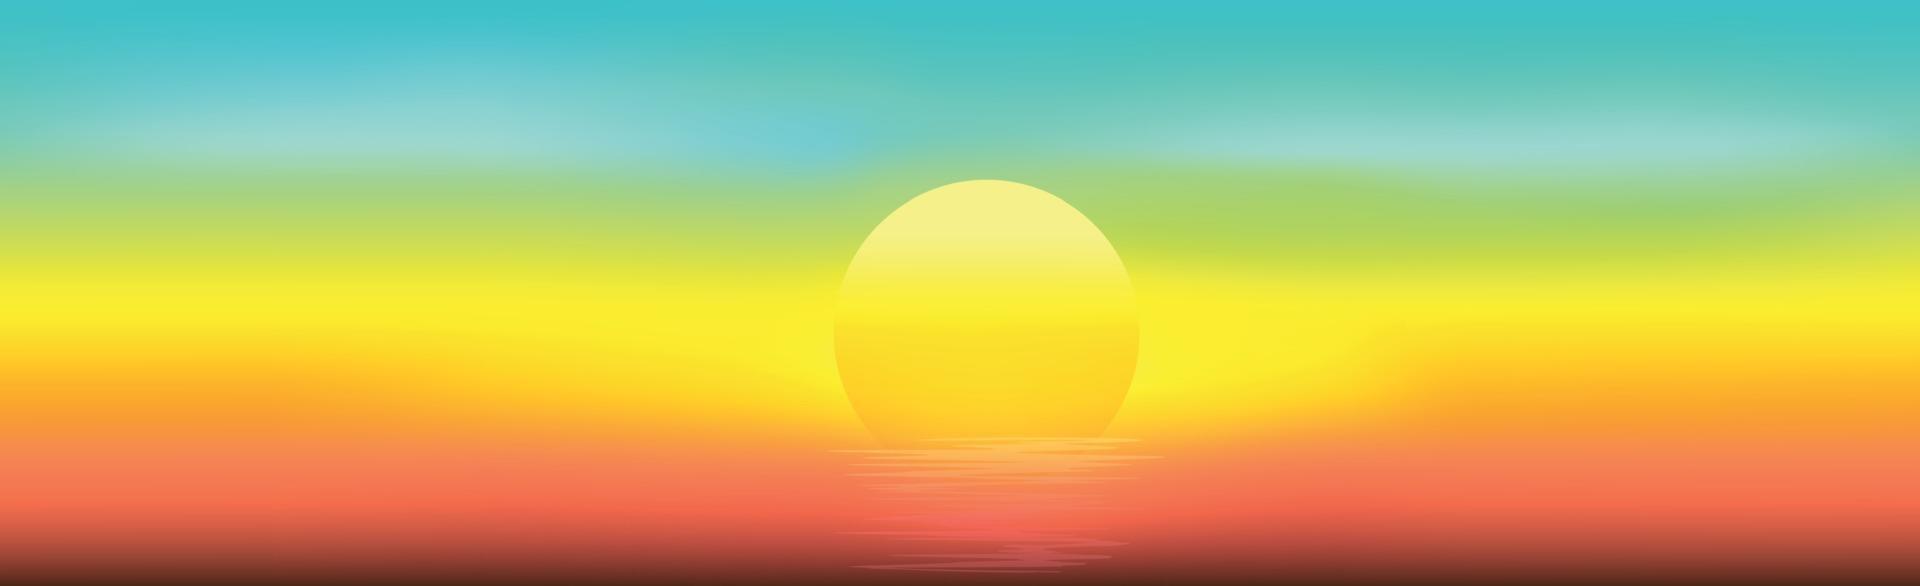 panorama del tramonto e abbagliamento sull'acqua - illustrazione vettore